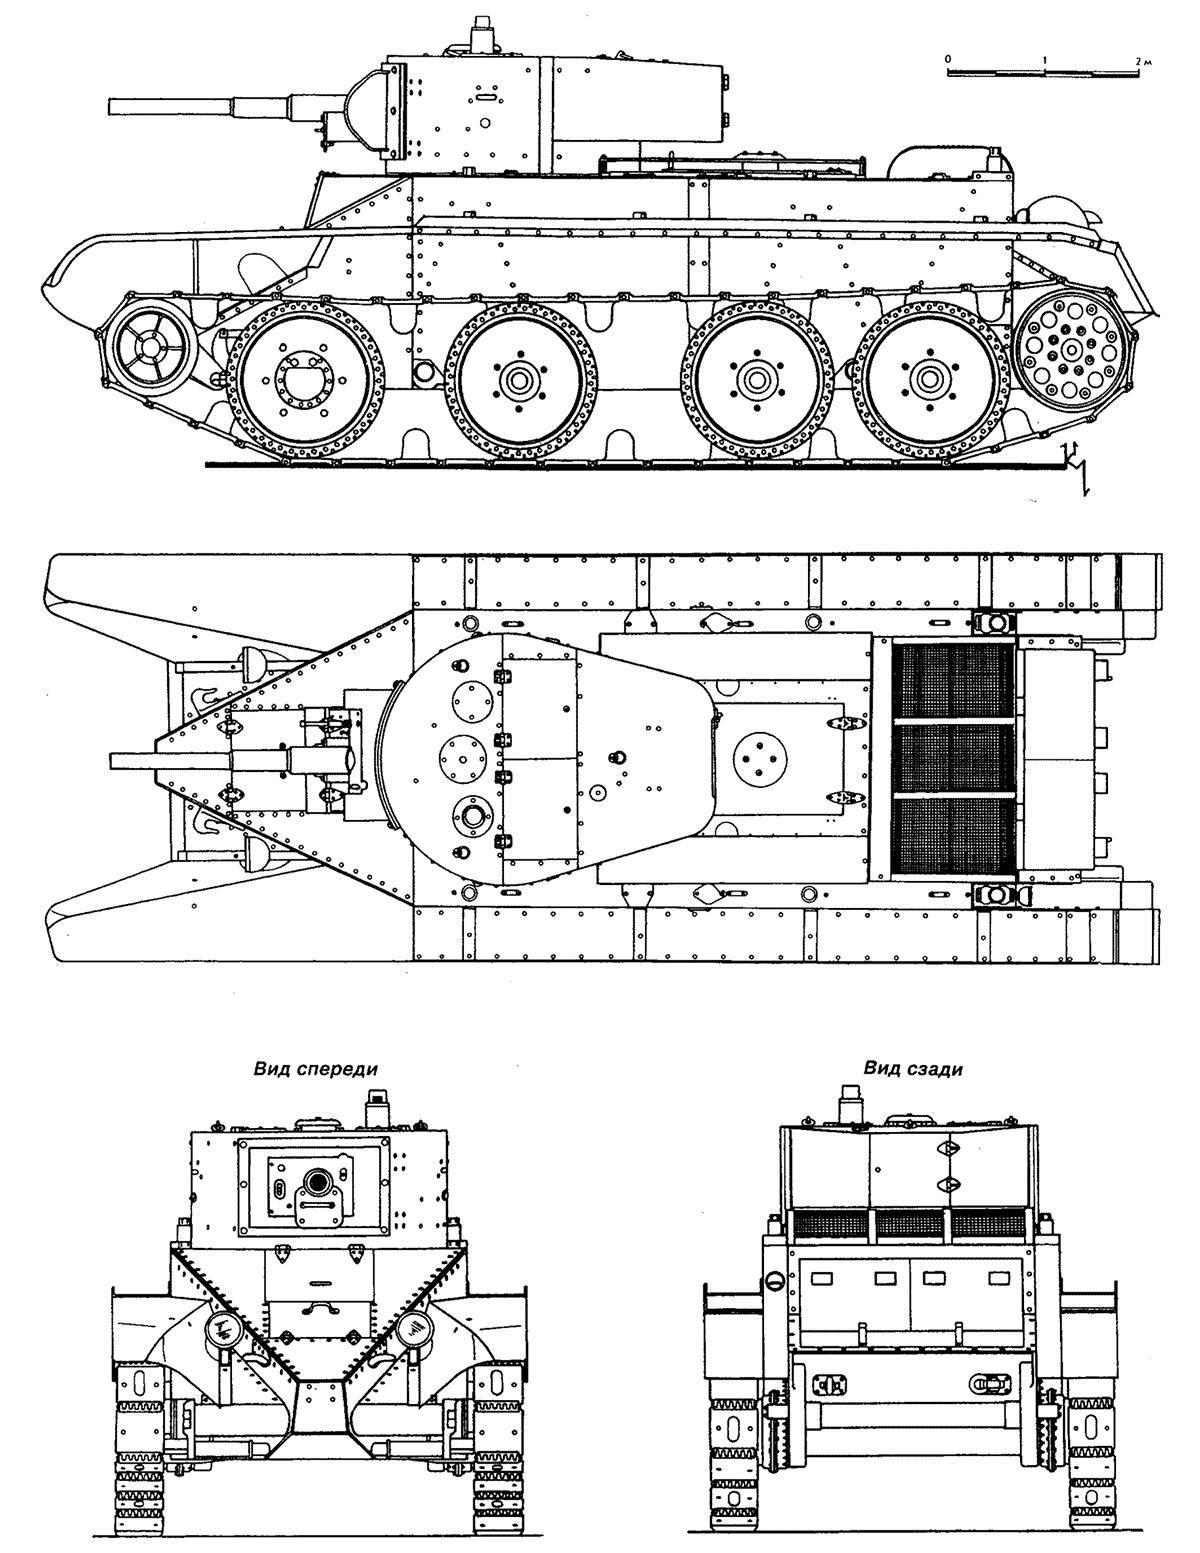 Чертеж легкого танка БТ-5